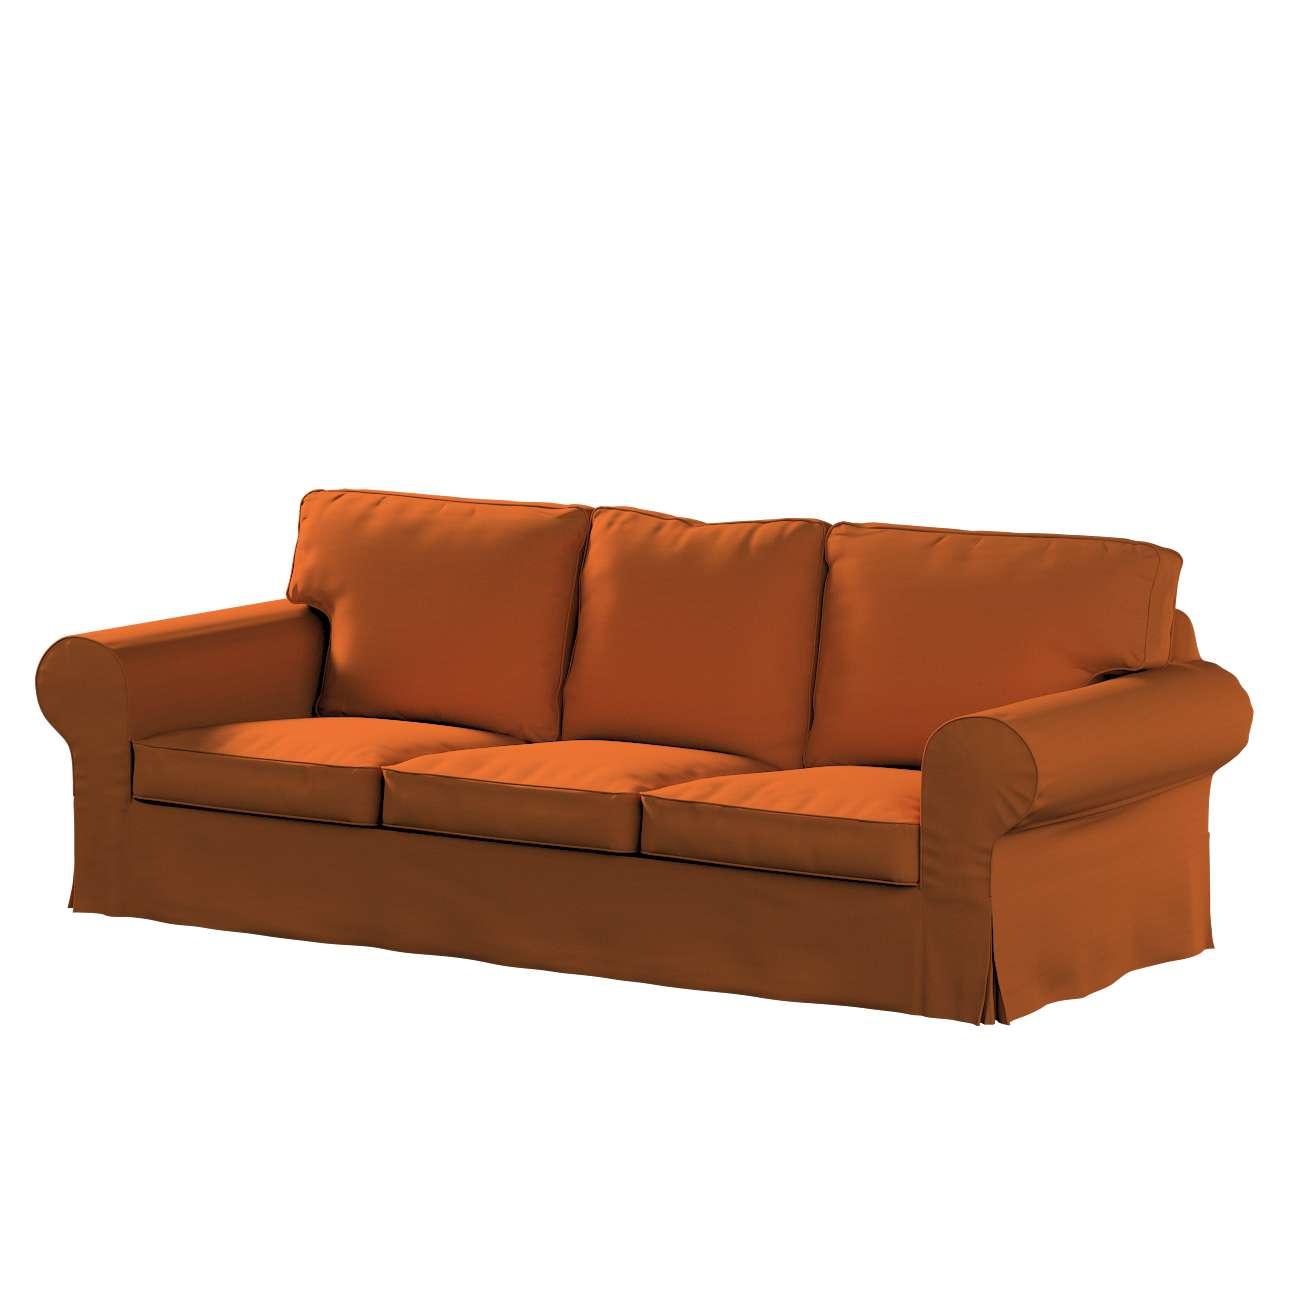 Pokrowiec na sofę Ektorp 3-osobową, nierozkładaną w kolekcji Cotton Panama, tkanina: 702-42